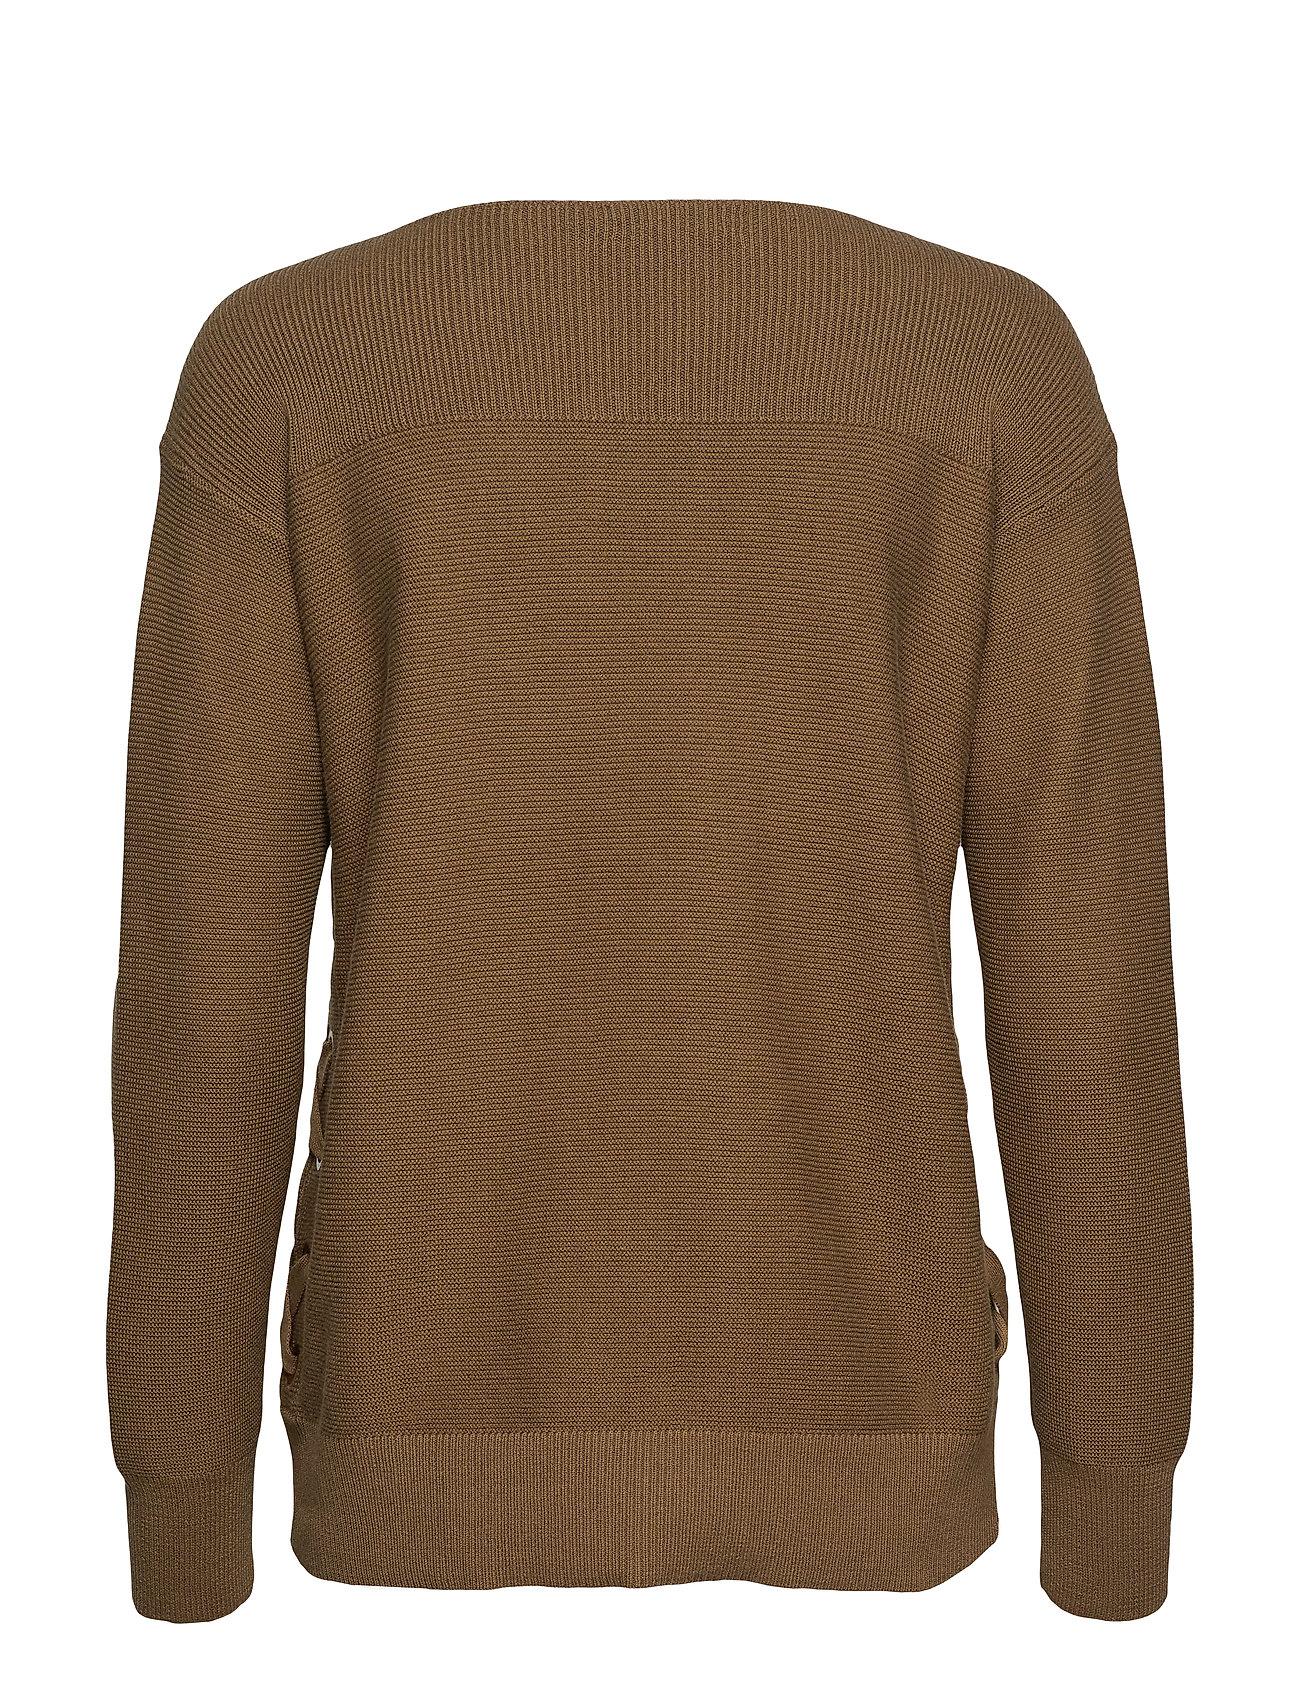 up Cotton Lace OliveLauren Sweaterexplorer Ralph WdeEoQrCxB